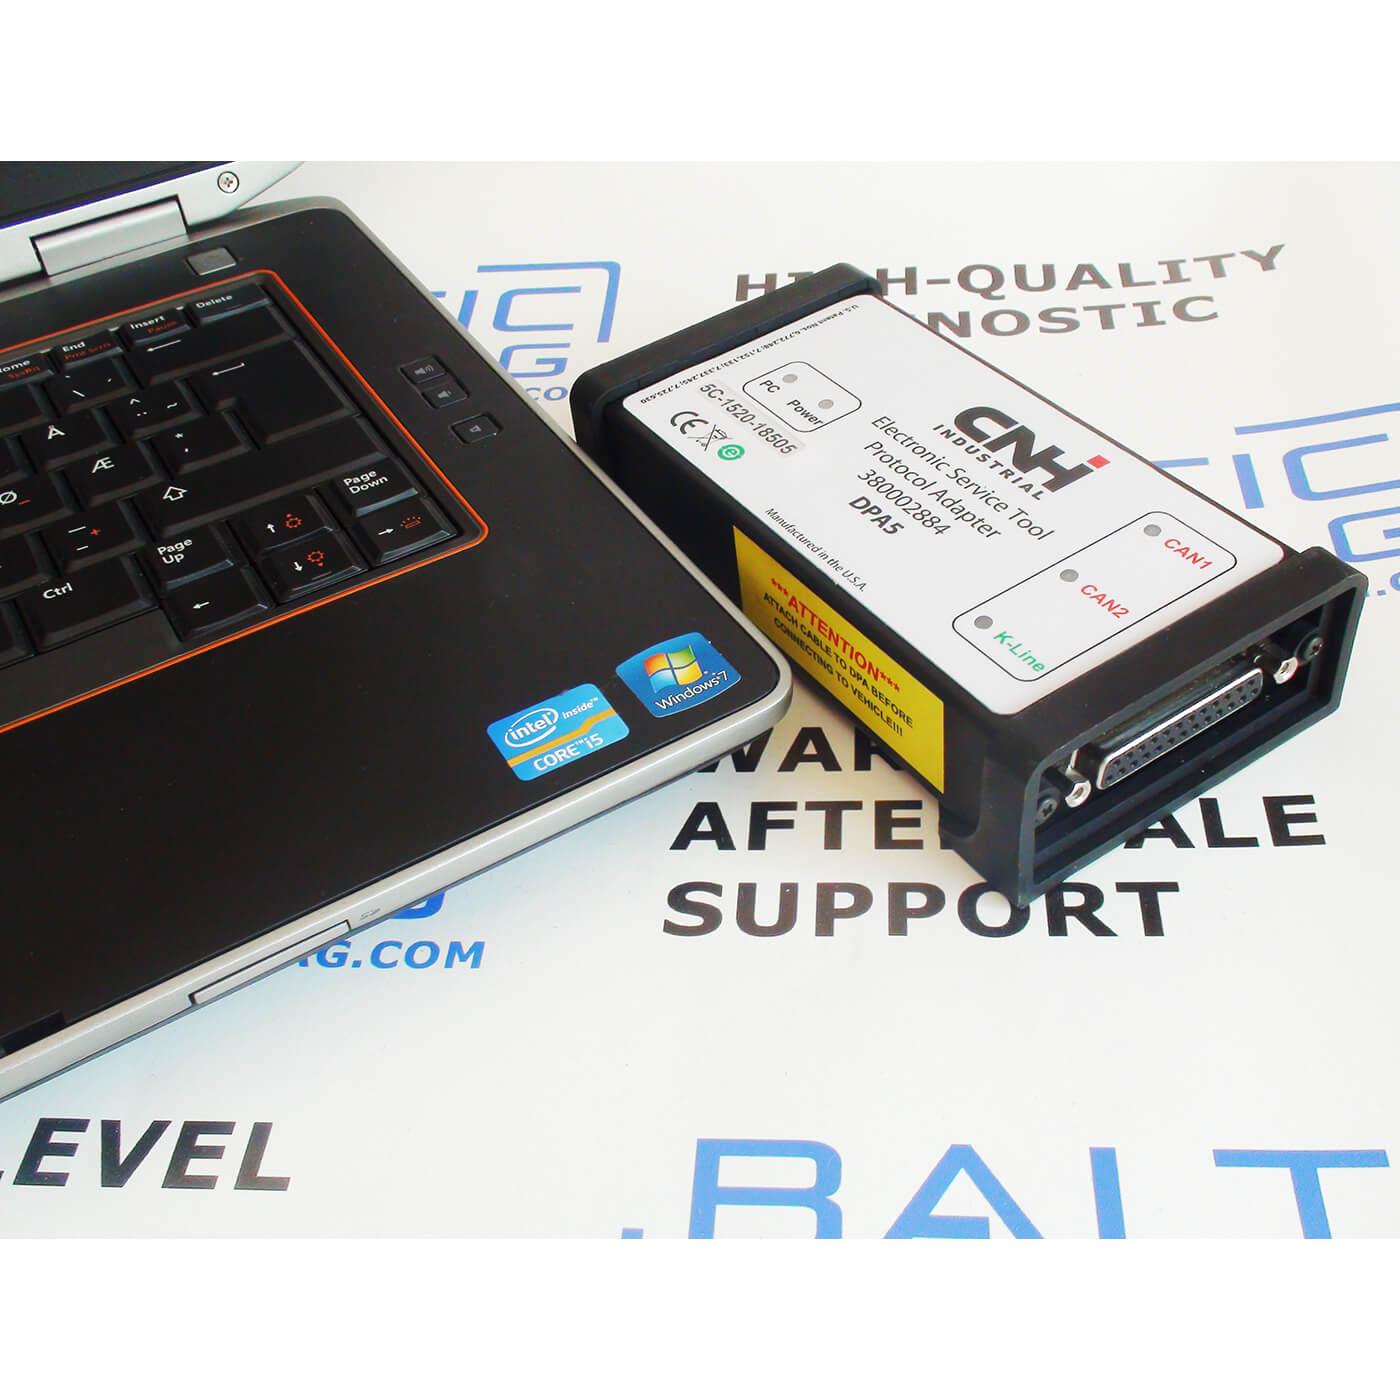 f0cad243f9be Genuine CNH Diagnostic Kit DPA5 EST 9.0 (2019) (Laptop incl.)